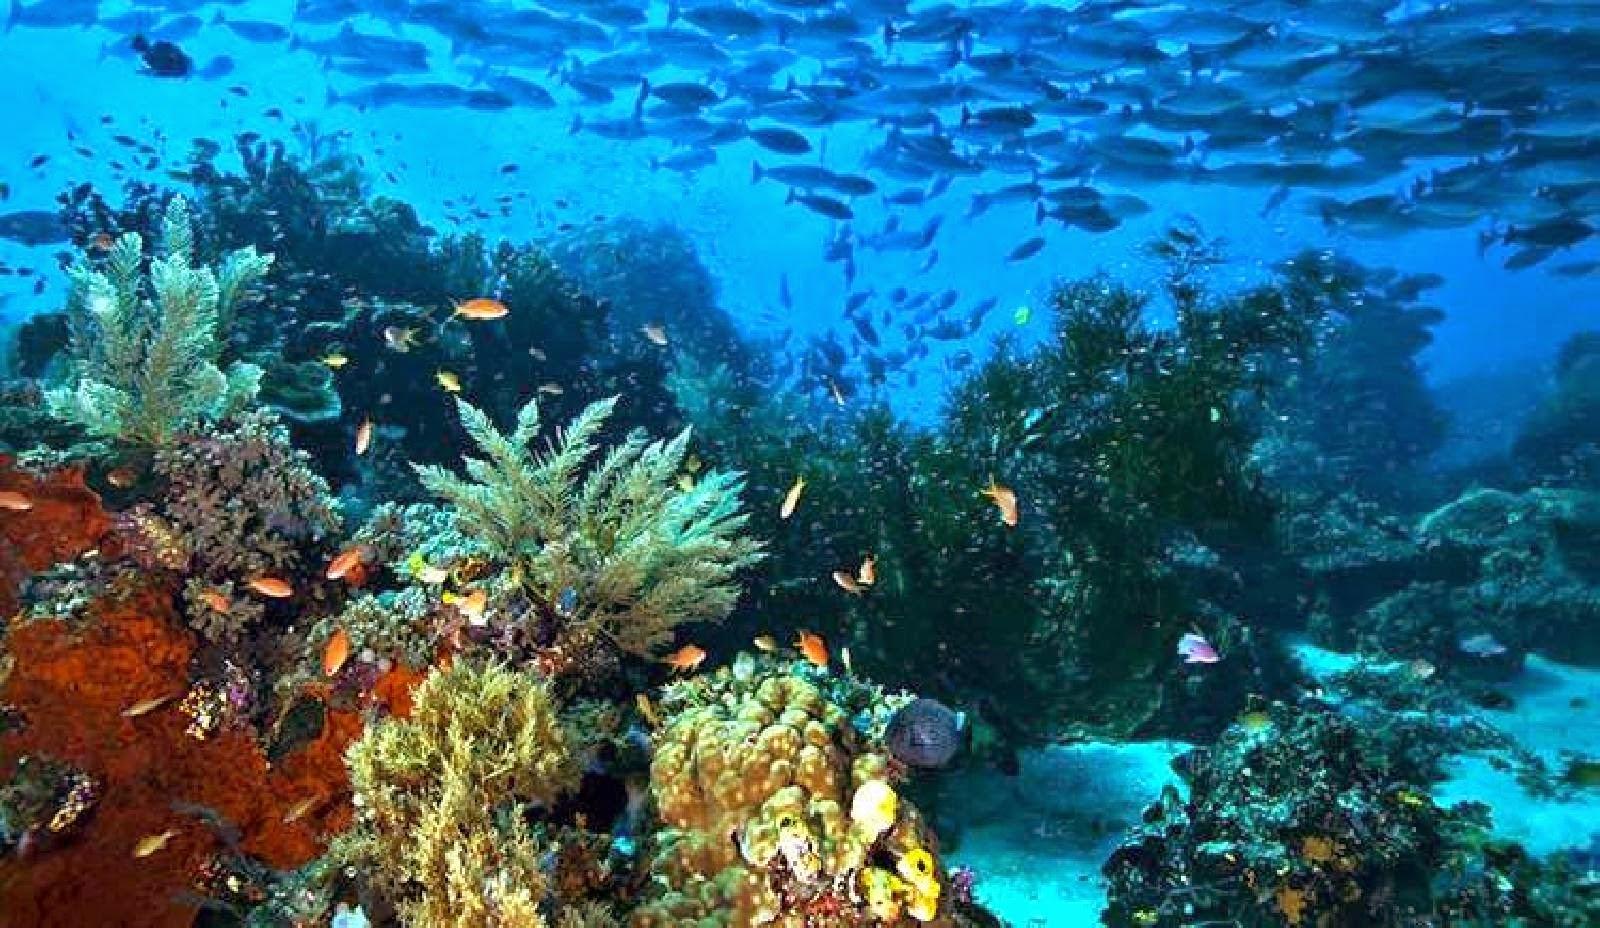 Download 95 Koleksi Gambar Ekosistem Laut Adalah Terbaru